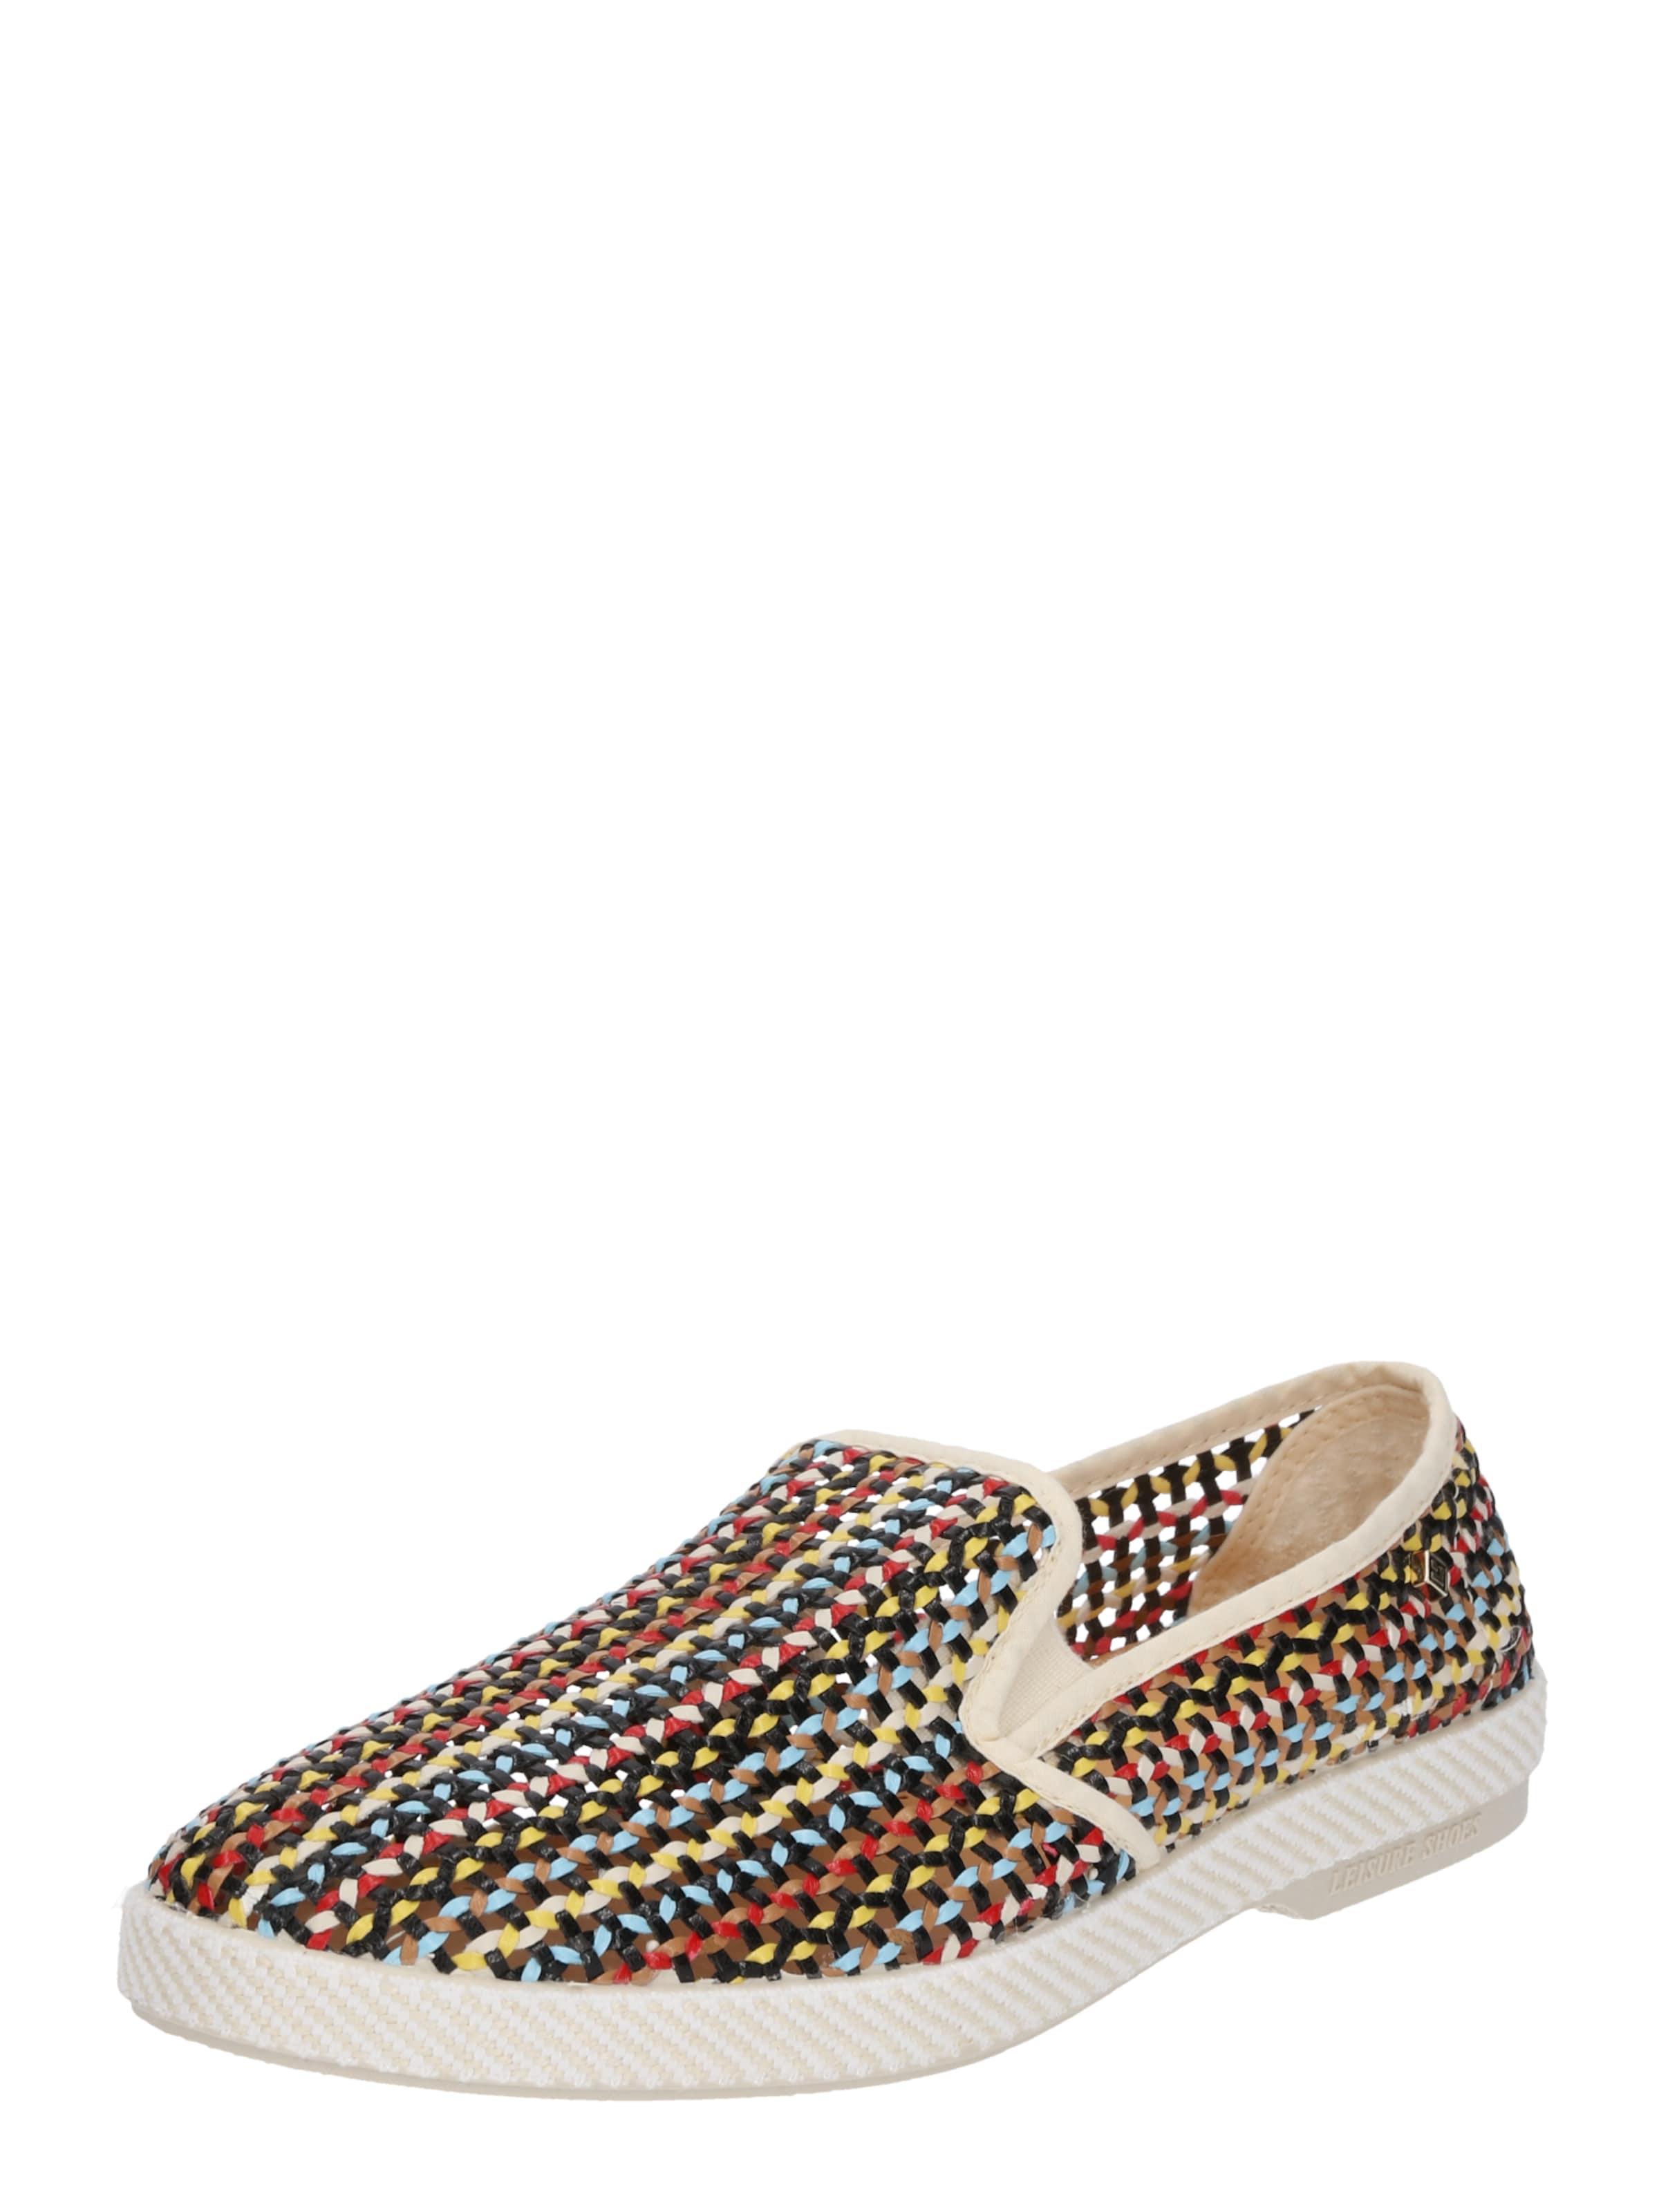 Haltbare Mode billige 'RIVLORDZELCO' Schuhe Rivieras | Espadrilles 'RIVLORDZELCO' billige Schuhe Gut getragene Schuhe 721c45